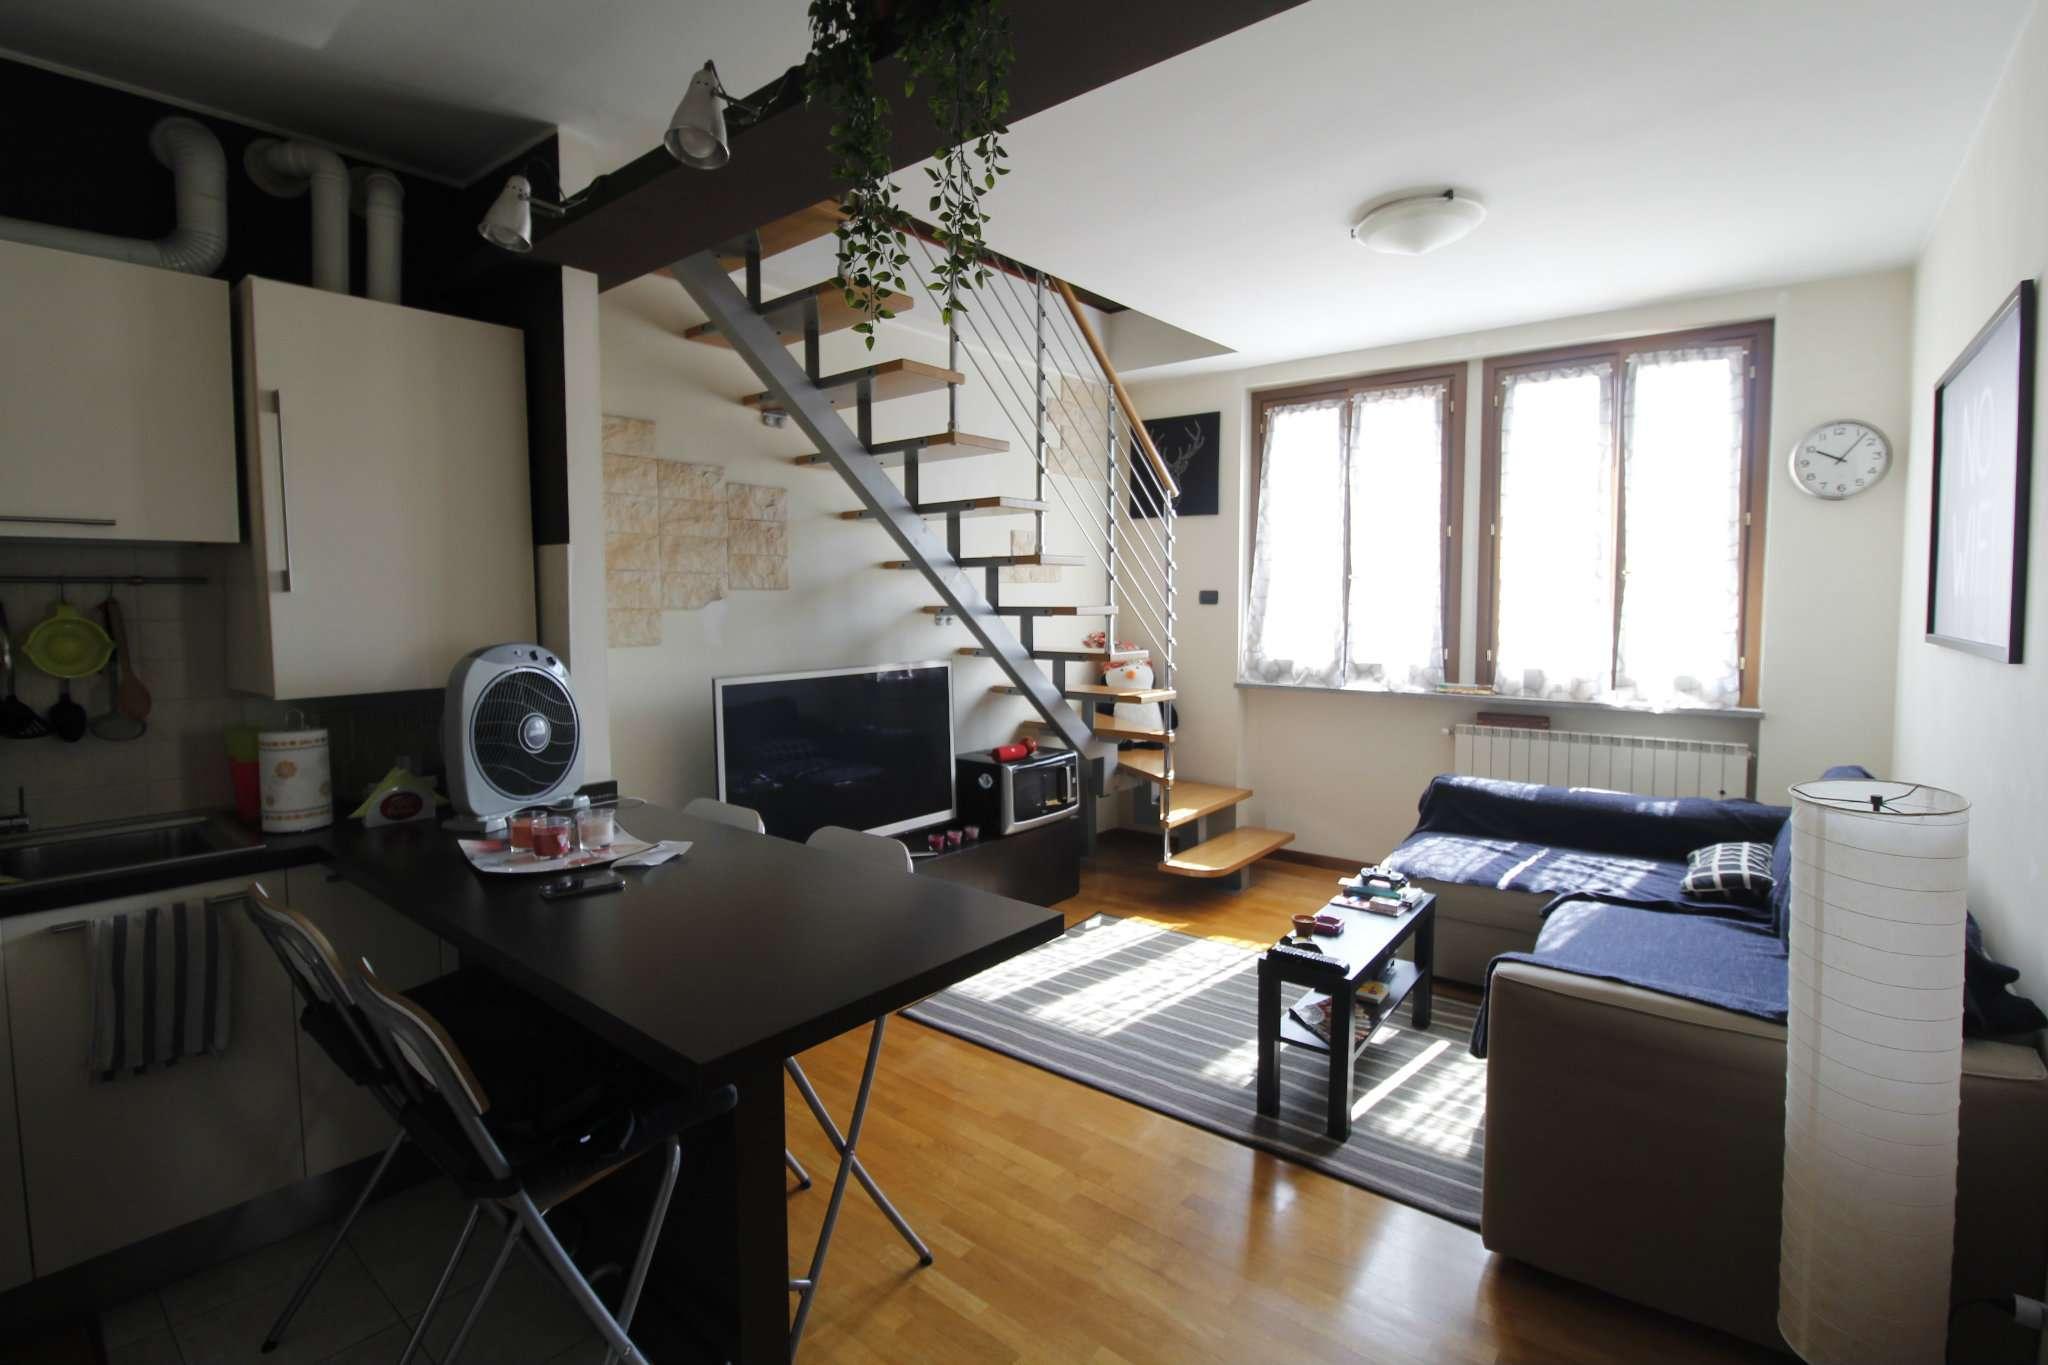 Appartamento in vendita a Burago di Molgora, 3 locali, prezzo € 155.000 | CambioCasa.it